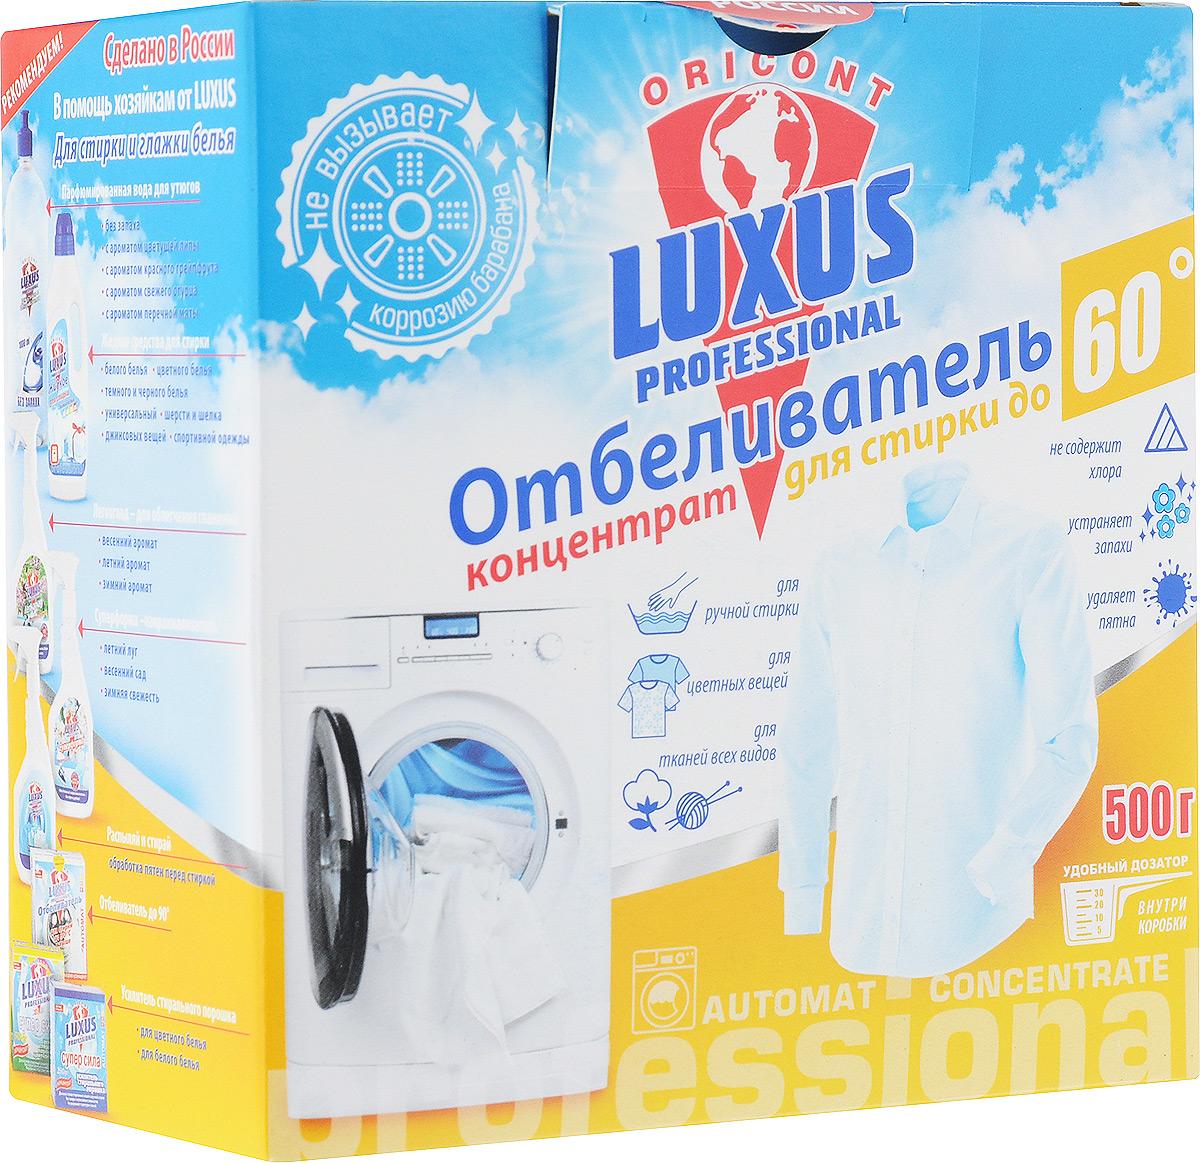 Отбеливатель Luxus Professional oricont, концентрат, 500 г25156/00000Отбеливатель Luxus oricont бережно отбеливает изделия из тканей всех видов: шерсти, шелка, вискозы, хлопка, а также окрашенных и набивных тканей при низких температурах 40 - 60°С. Удаляет любые трудно выводимые пятна чая, кофе, соки, вина. Отбеливатель не содержит хлор. Не вызывает коррозию барабанов стиральных машин и удаляет неприятные запахи. Обладает дезинфицирующими свойствами.Товар сертифицирован.